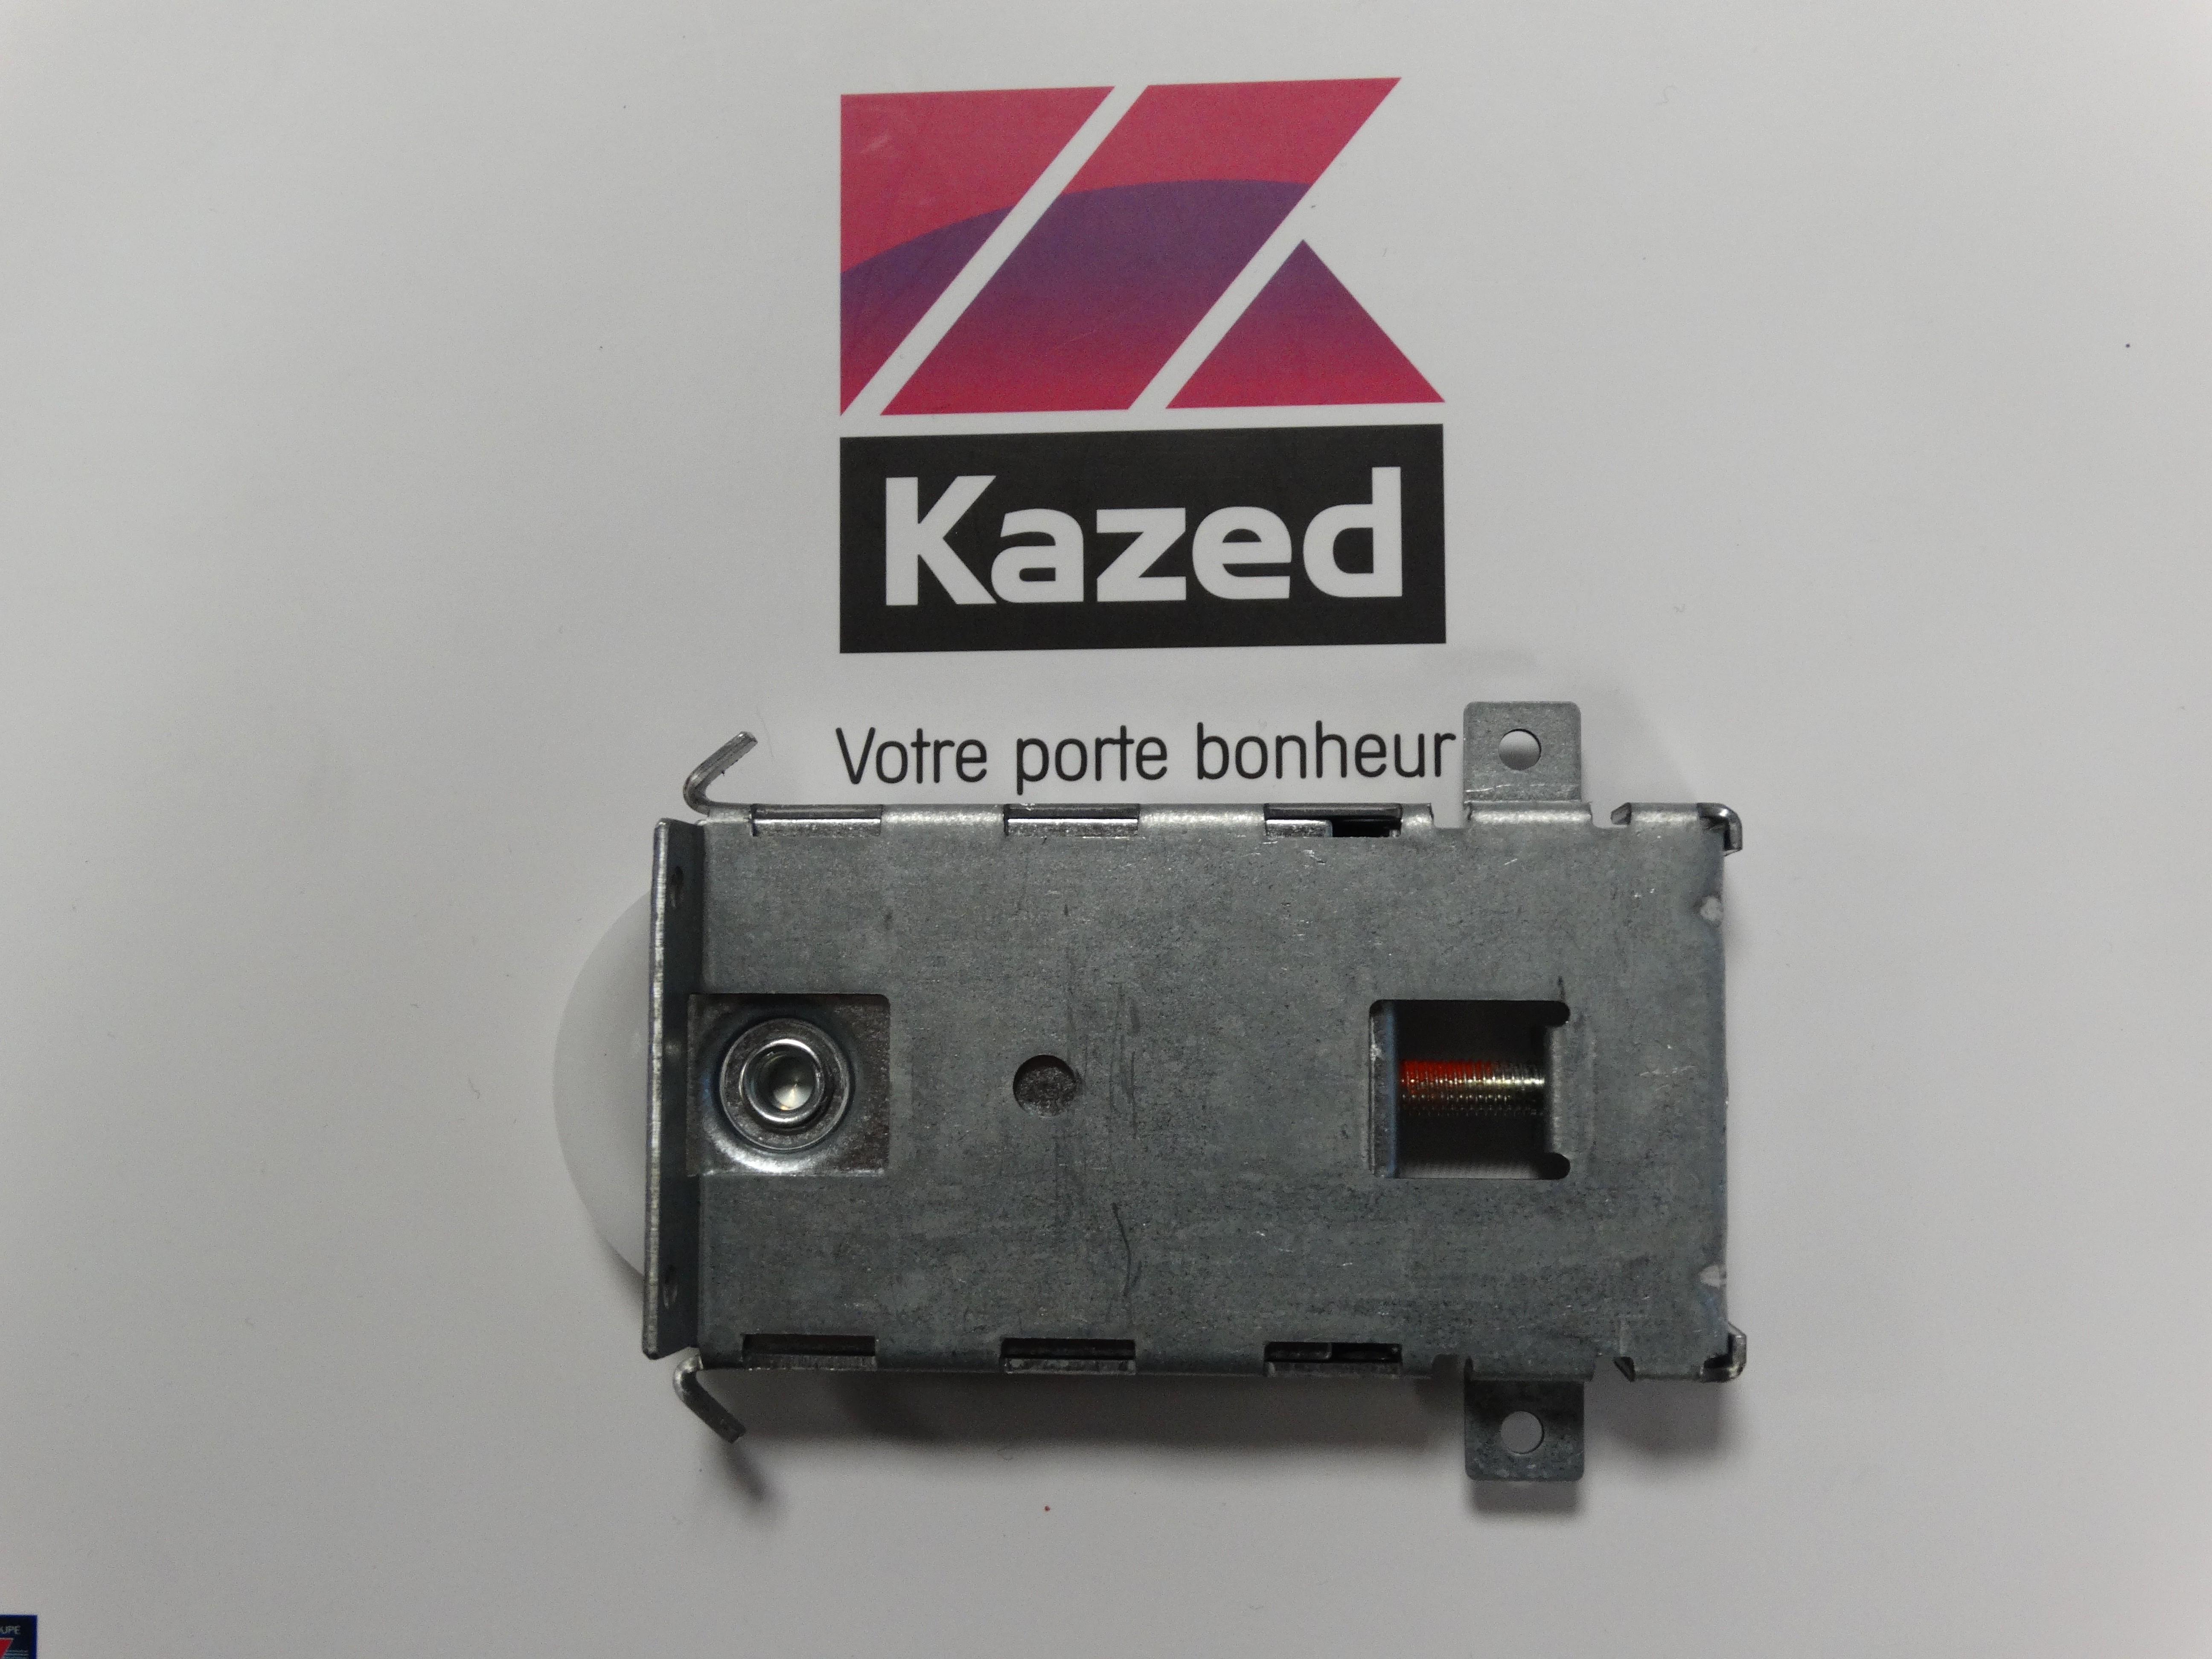 Kit Porte Coulissante Placard Beau Collection Kit Porte Coulissante Placard Unique Roulette Porte De Placard